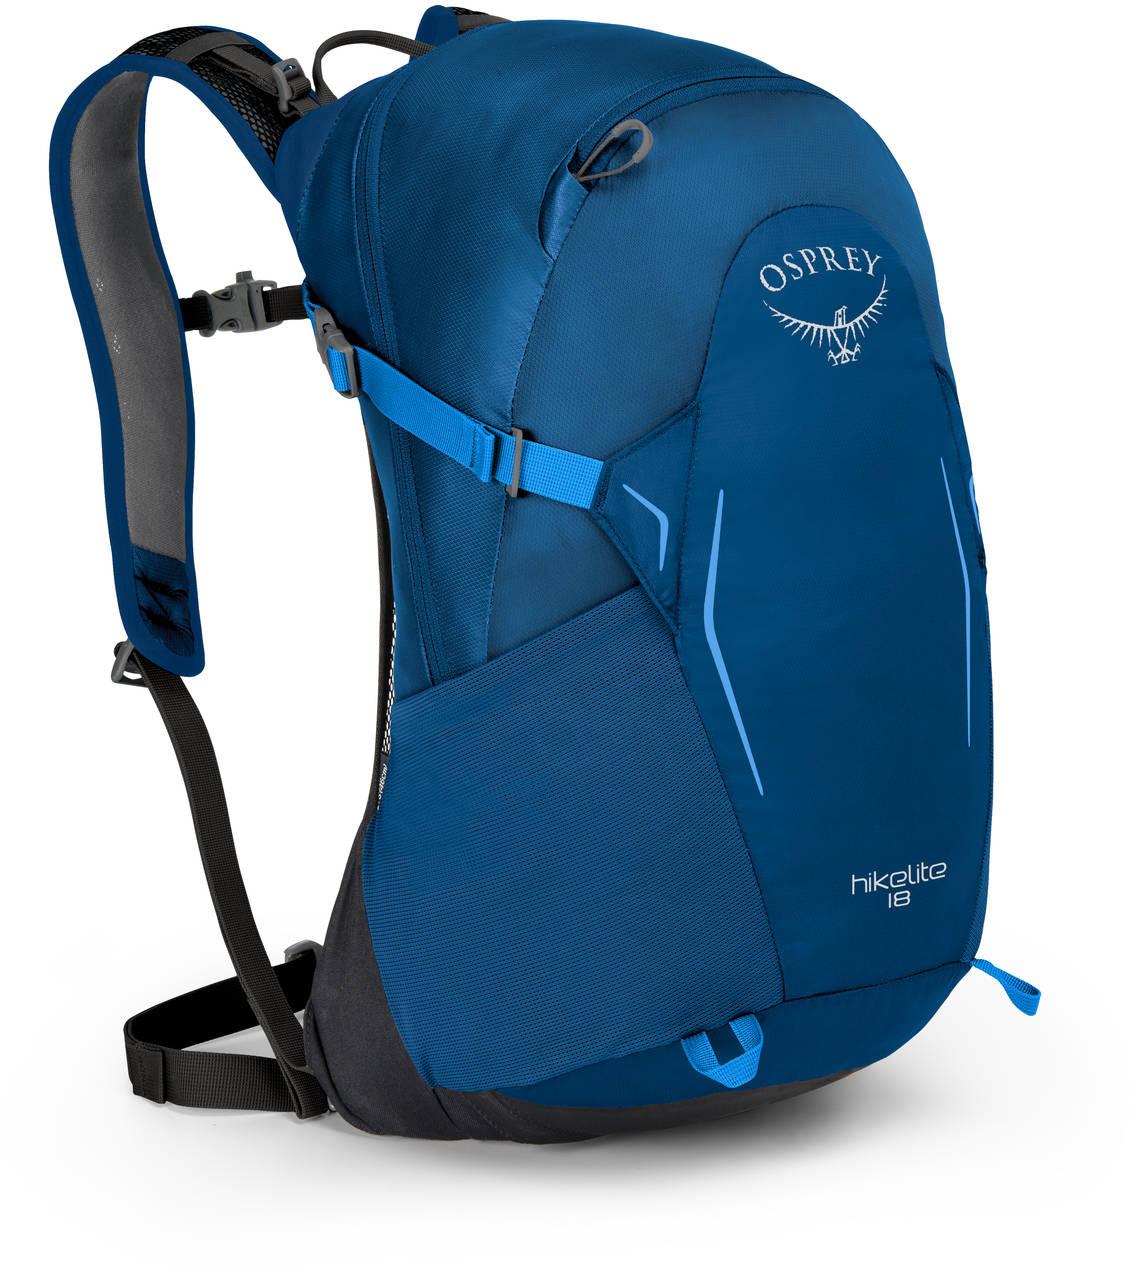 Туристические рюкзаки Рюкзак туристический Osprey Hikelite 18 Bacca Blue HIkelite18_S18_Side_BaccaBlue_web.jpg